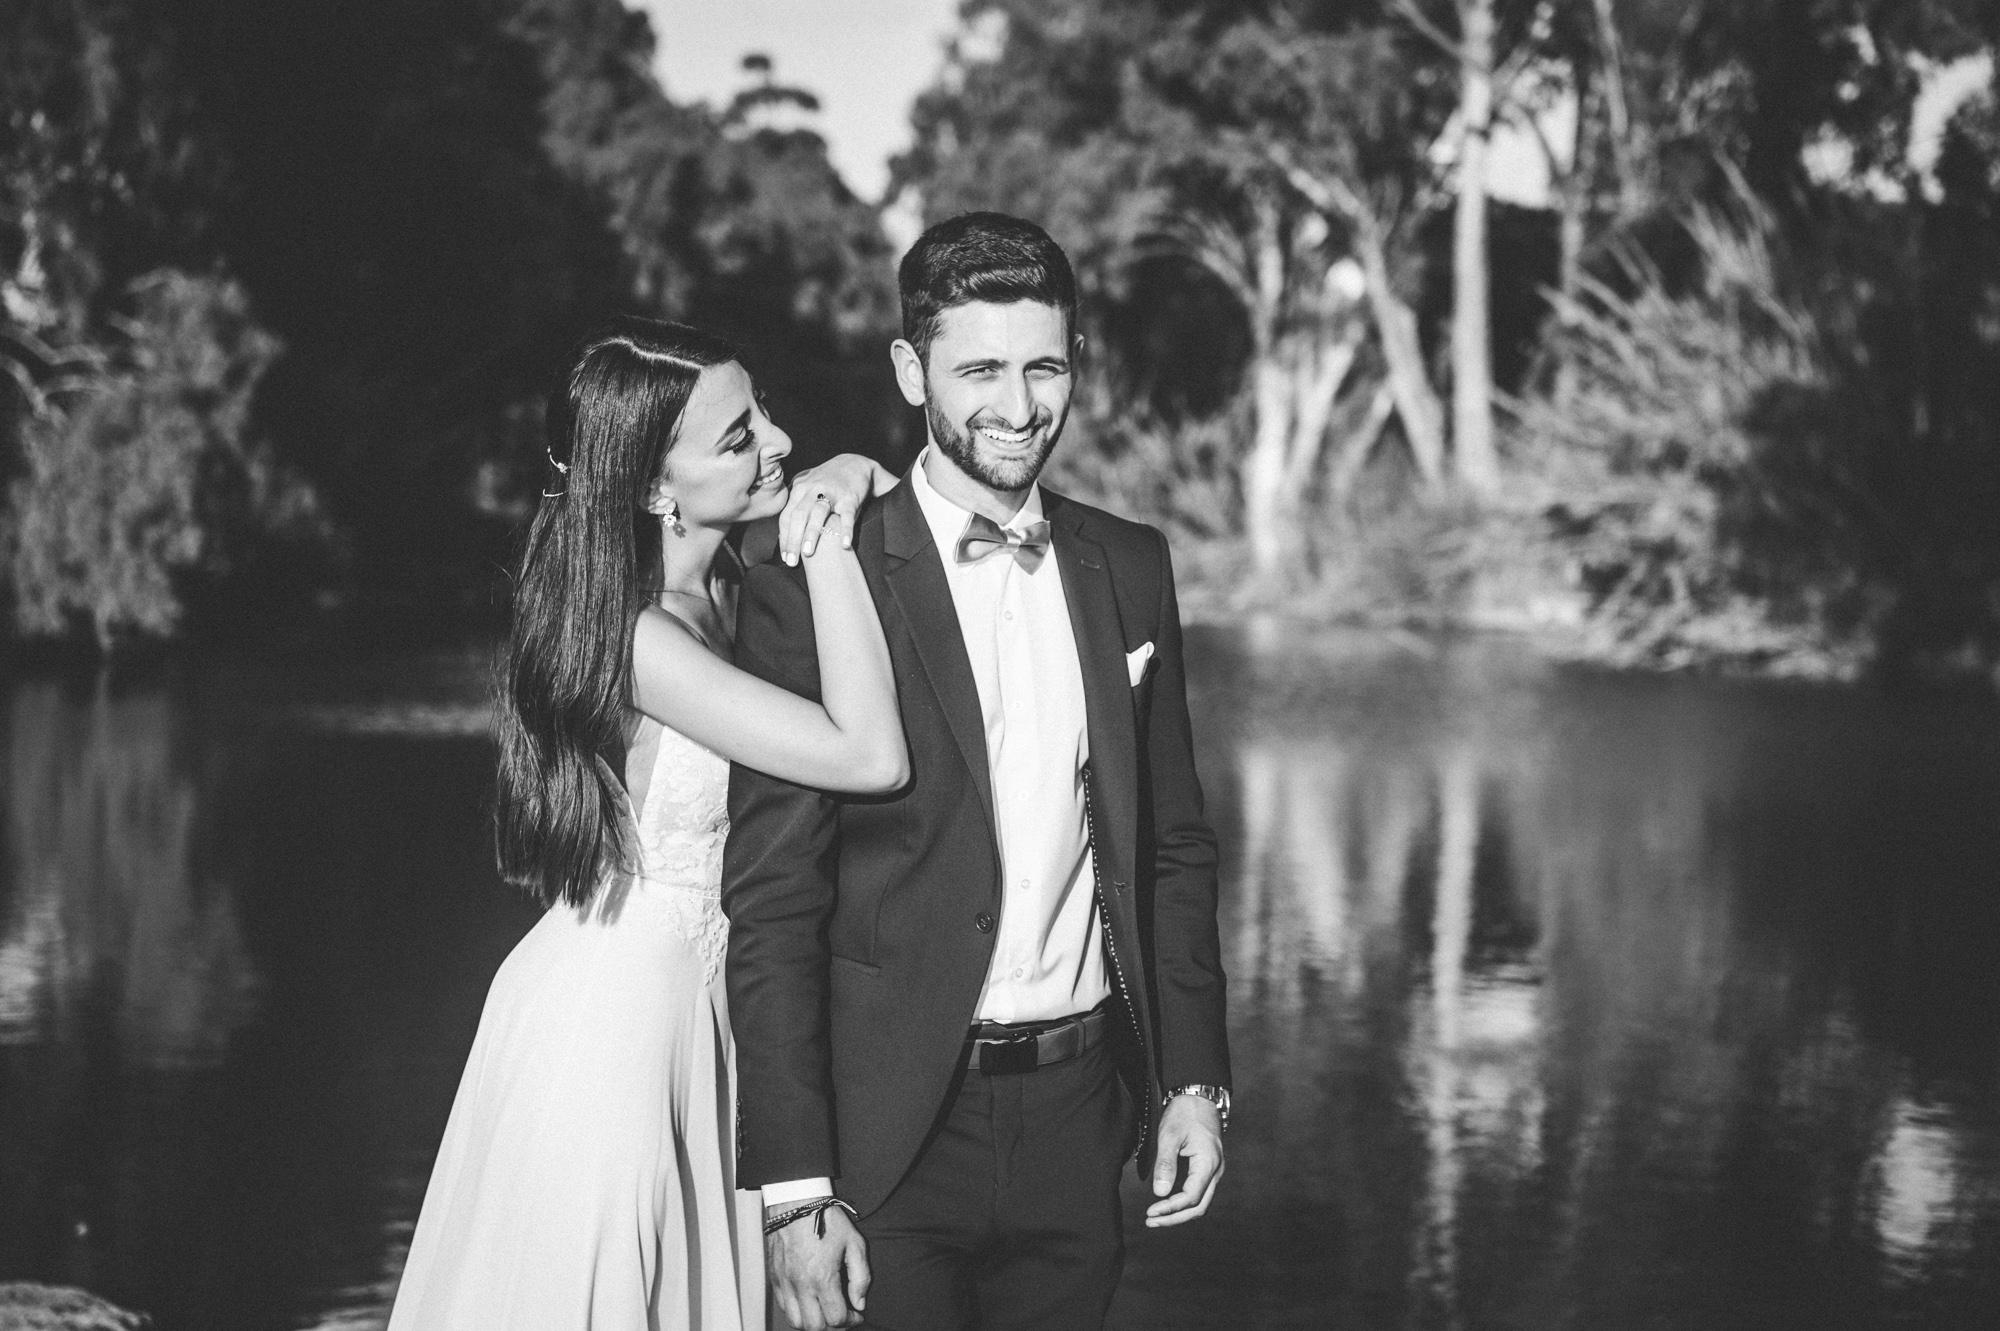 Wedding photos by - Asaf Kliger-52.jpg